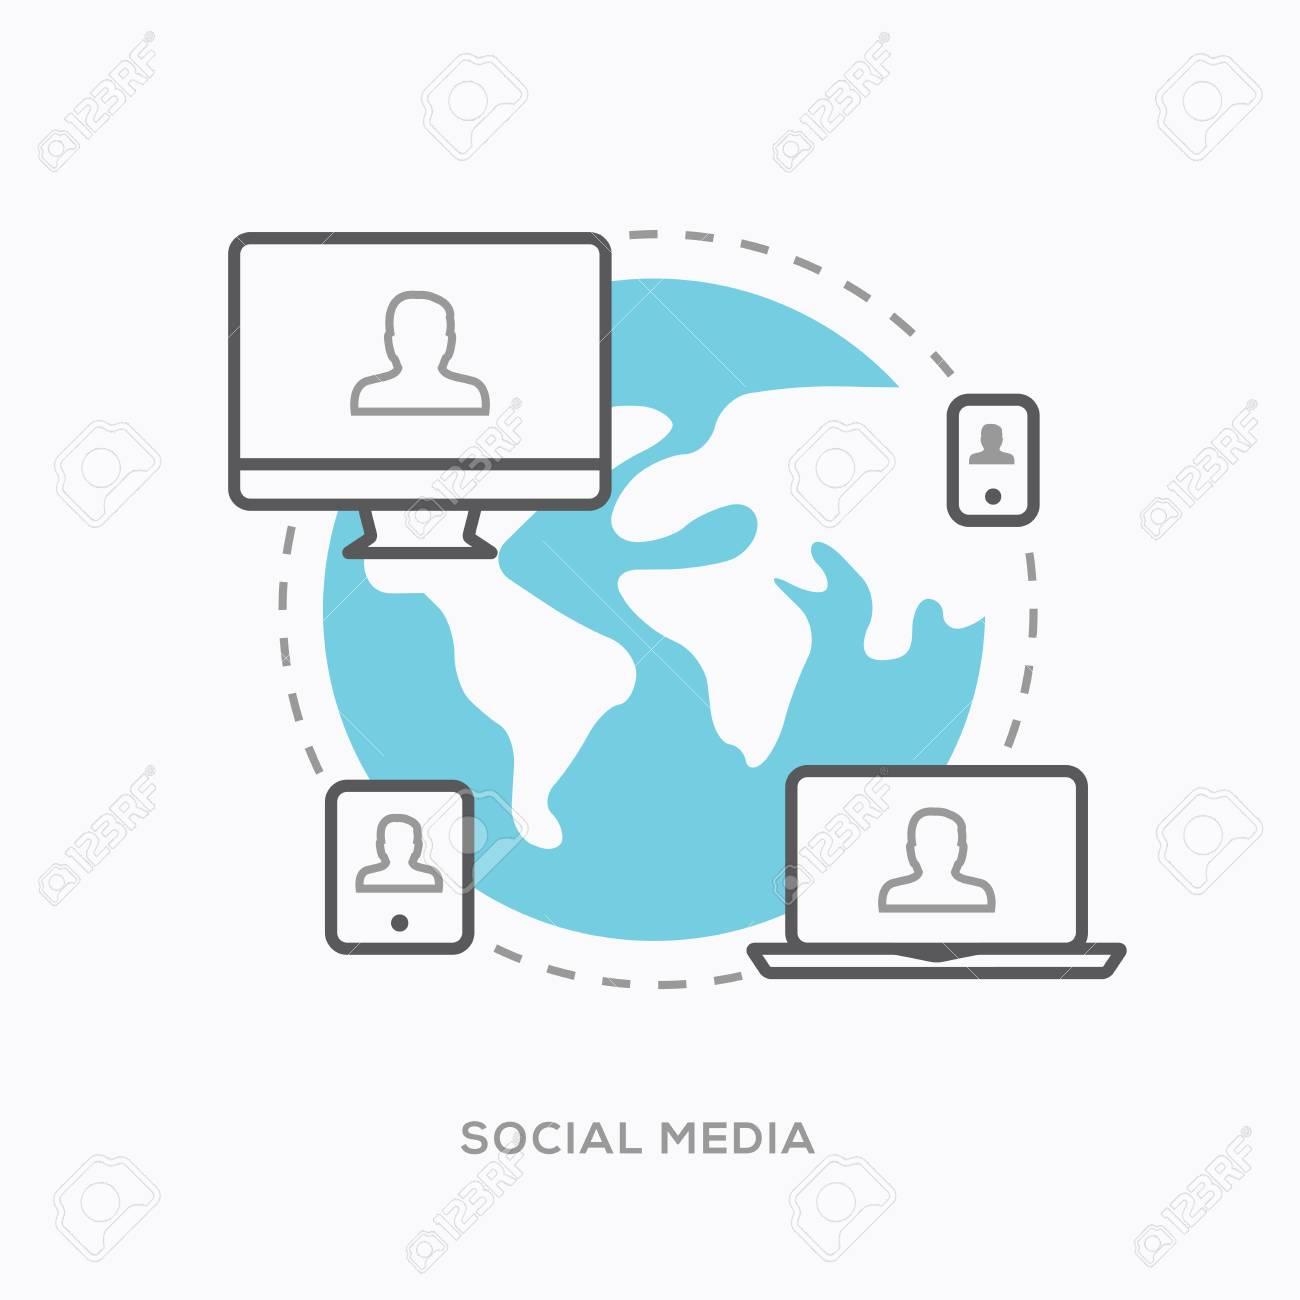 Social media illustration in modern minimal outline style Stock Vector - 30543841